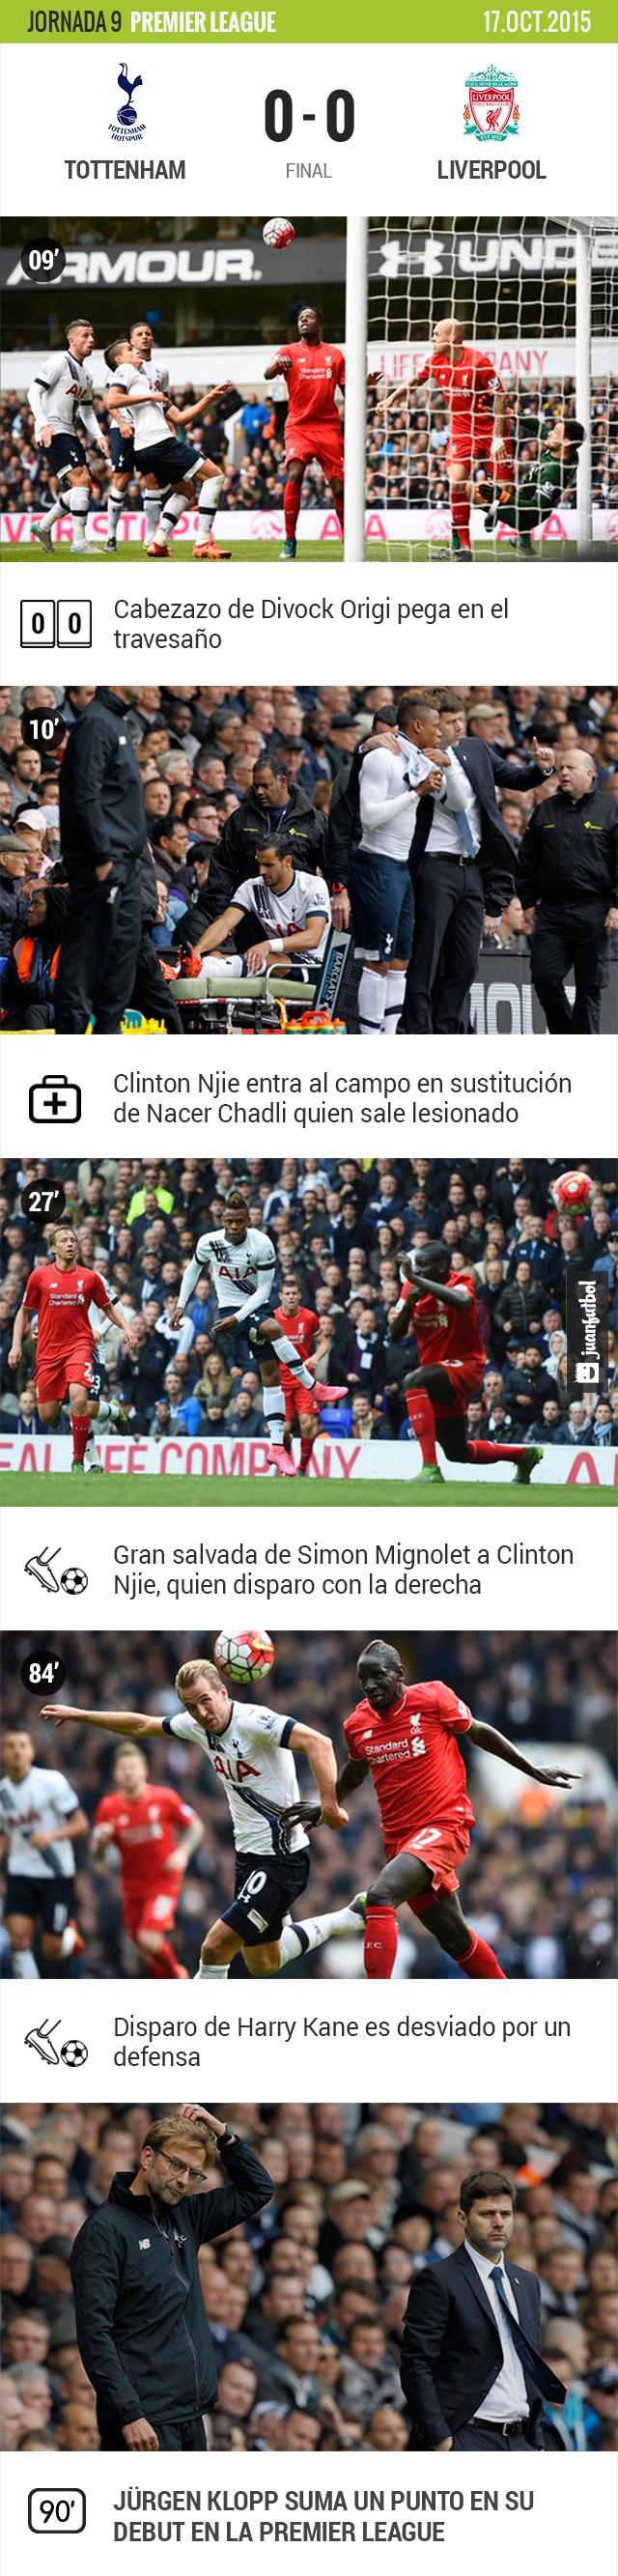 Tottenham y Liverpool firman el empate